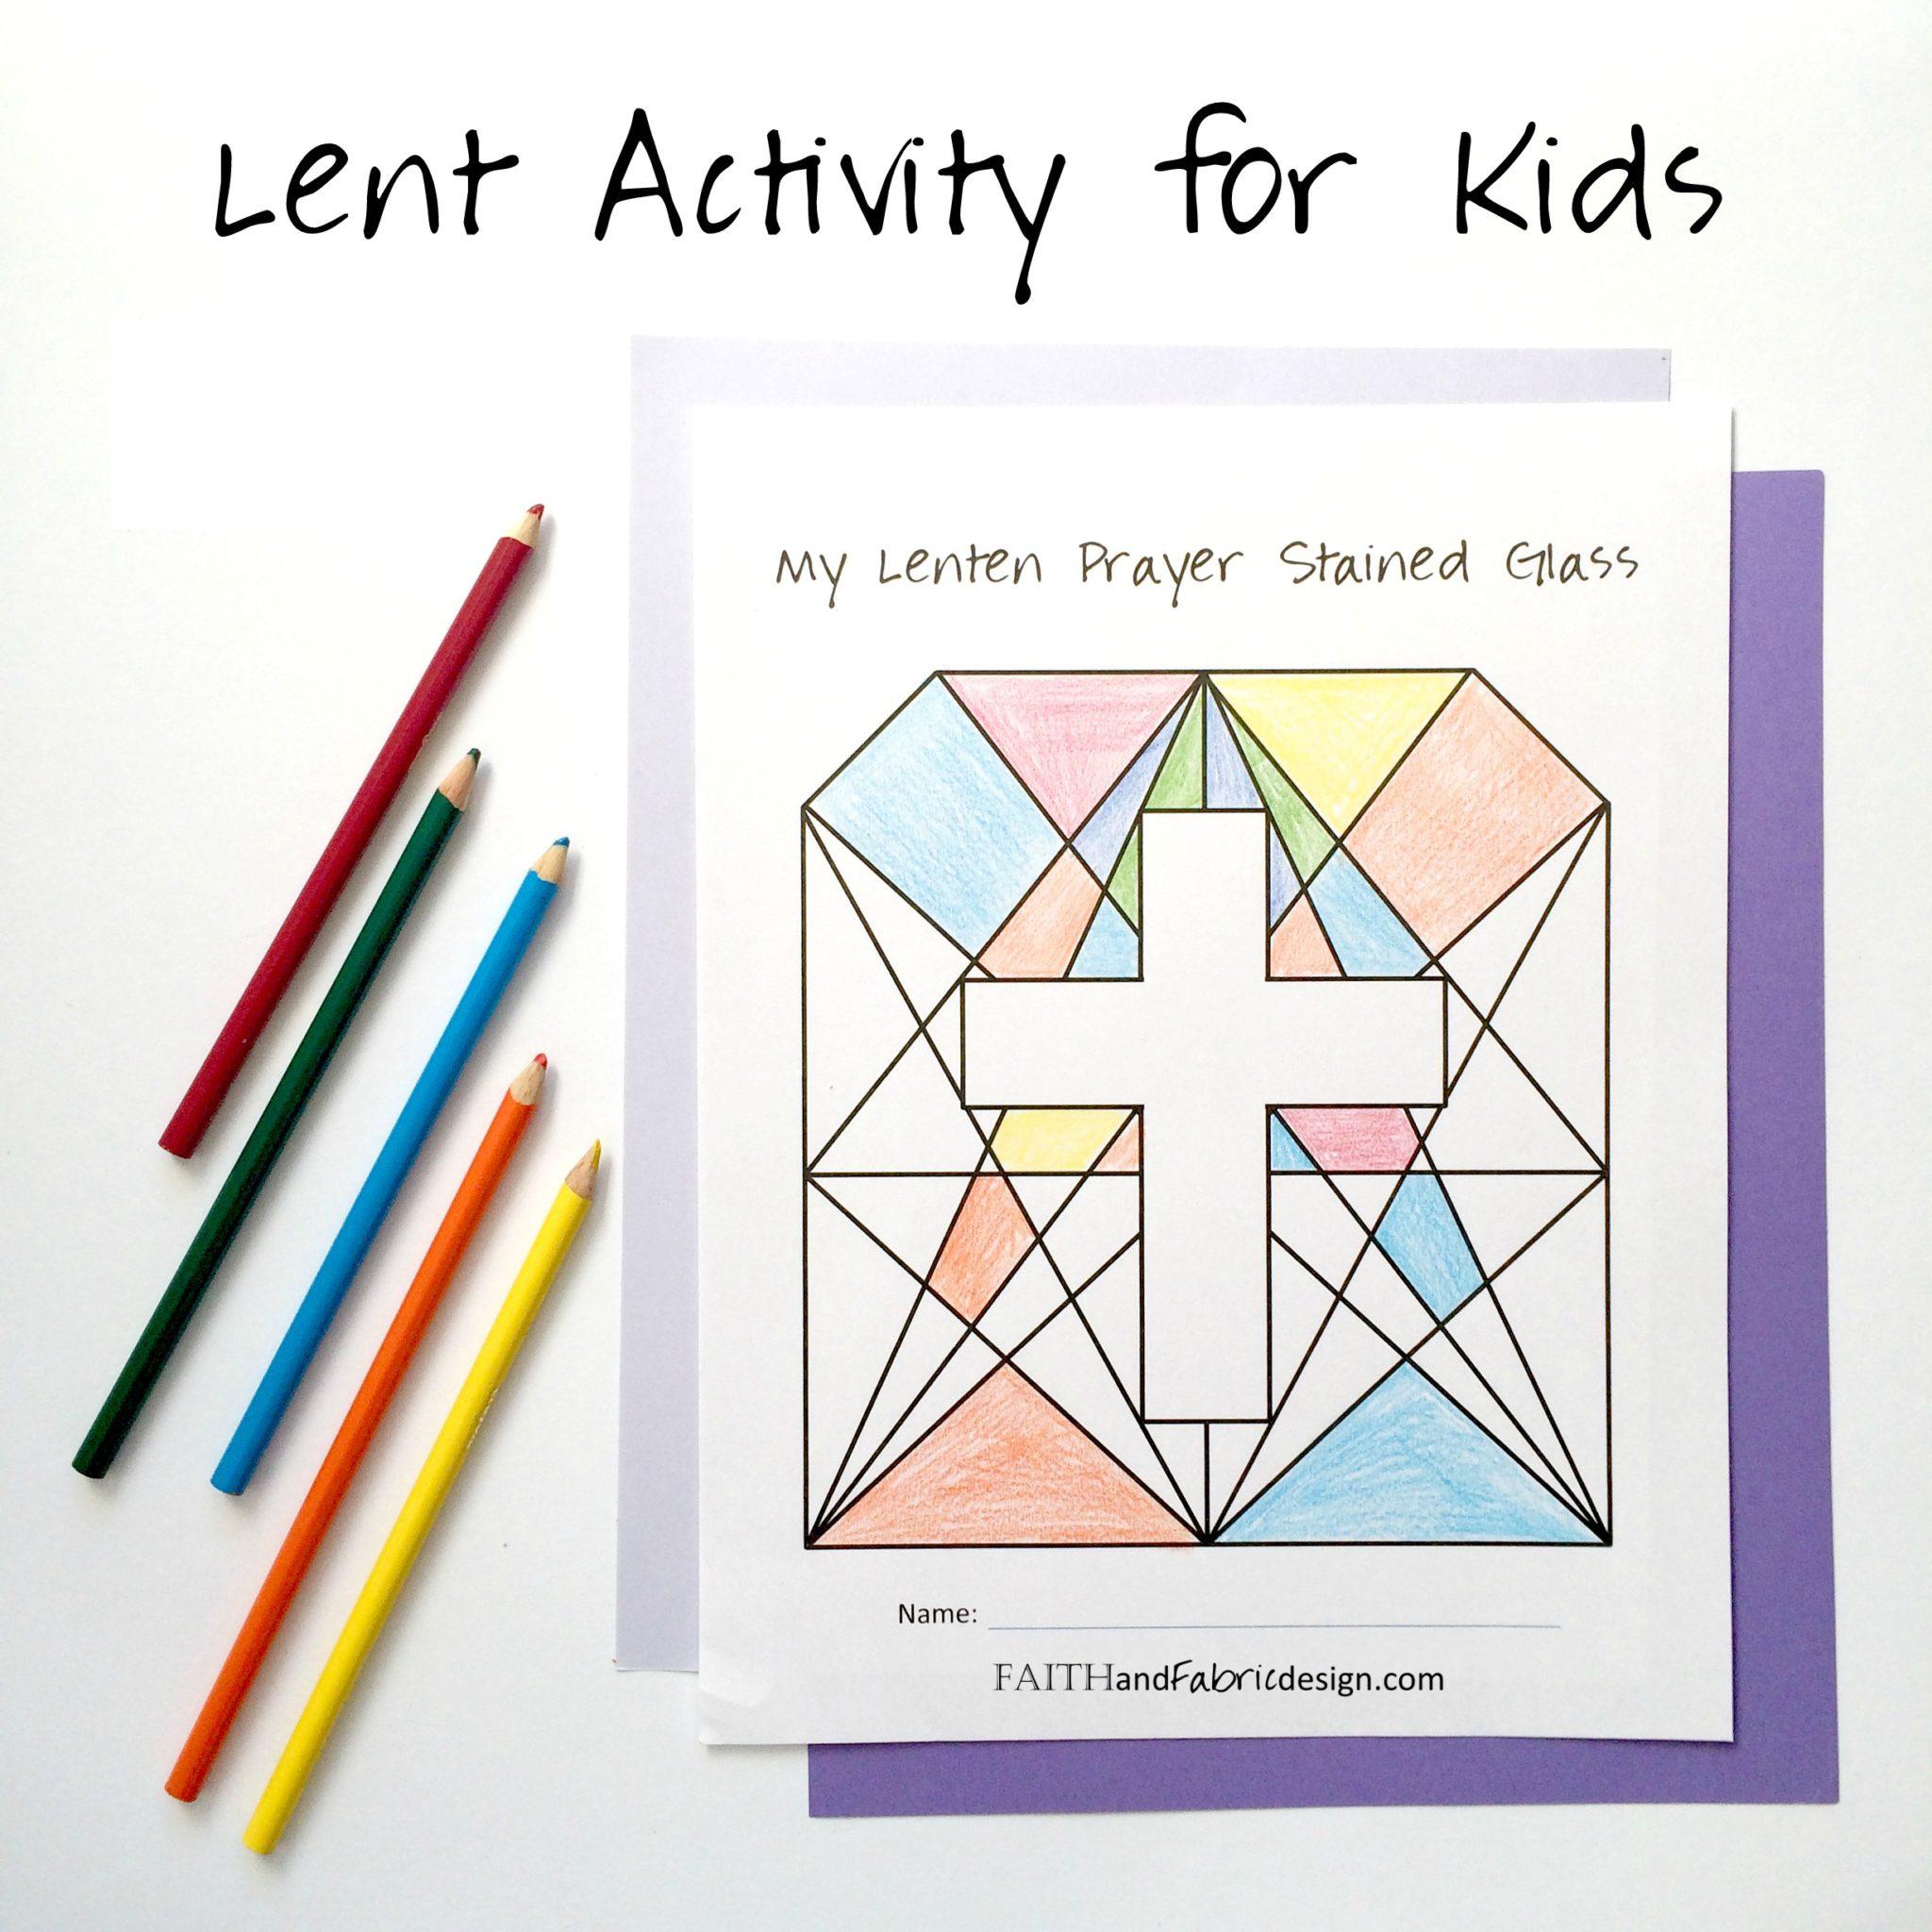 ACTIVITY: Lenten Prayer Stained Glass (Lent Activity for Kids)